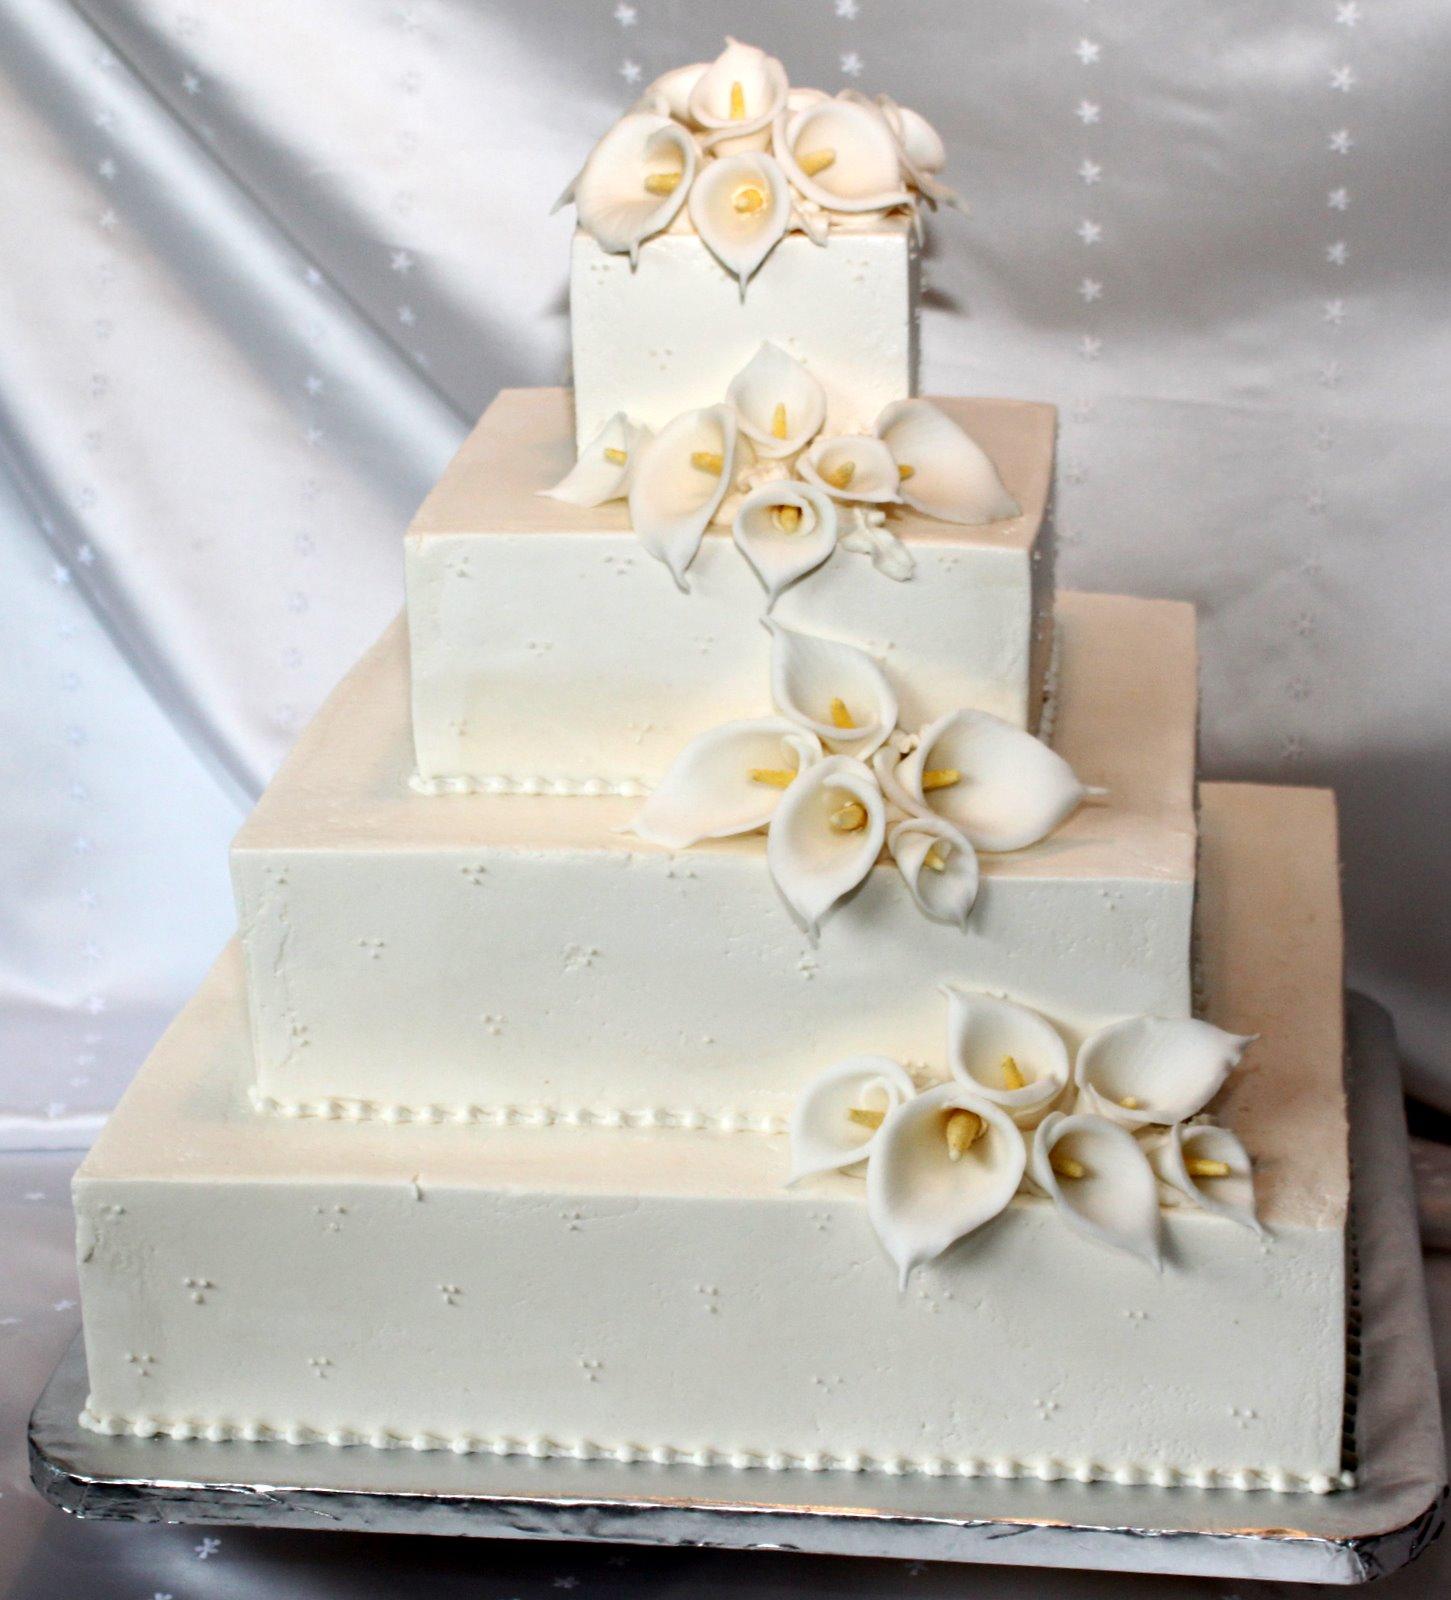 Amazing Grace Cakes: Denise